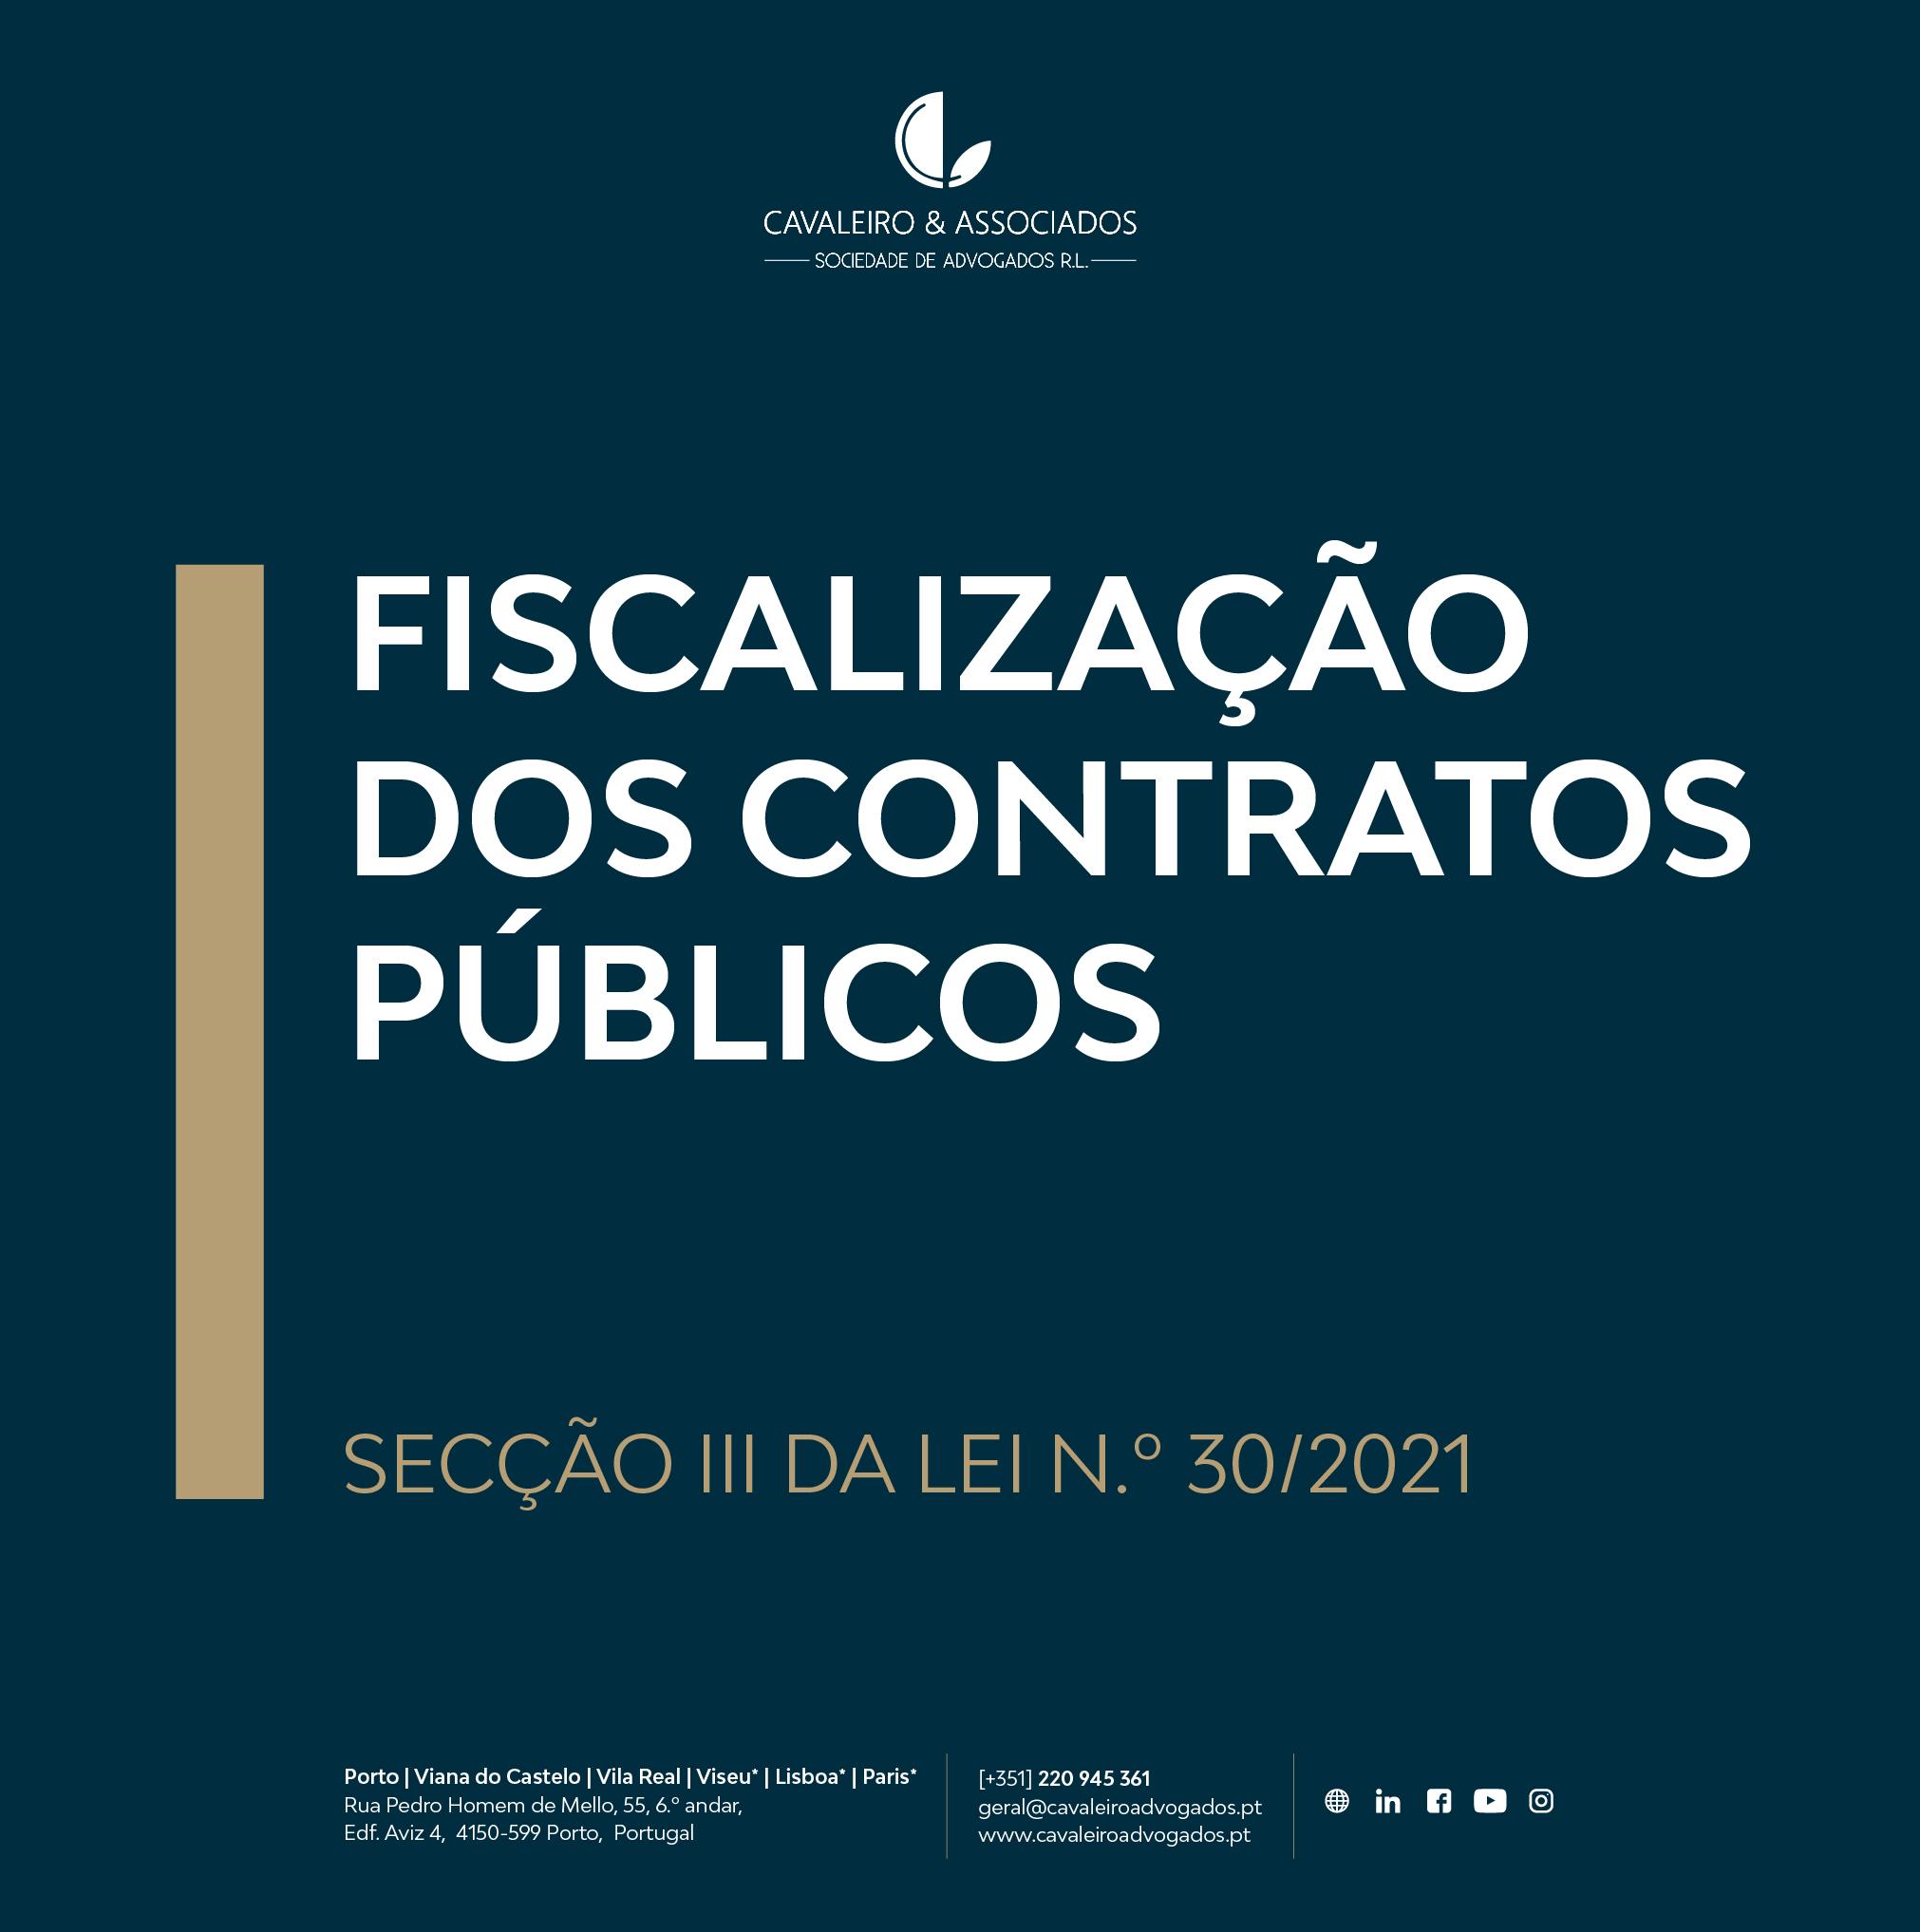 Fiscalização dos Contratos Públicos